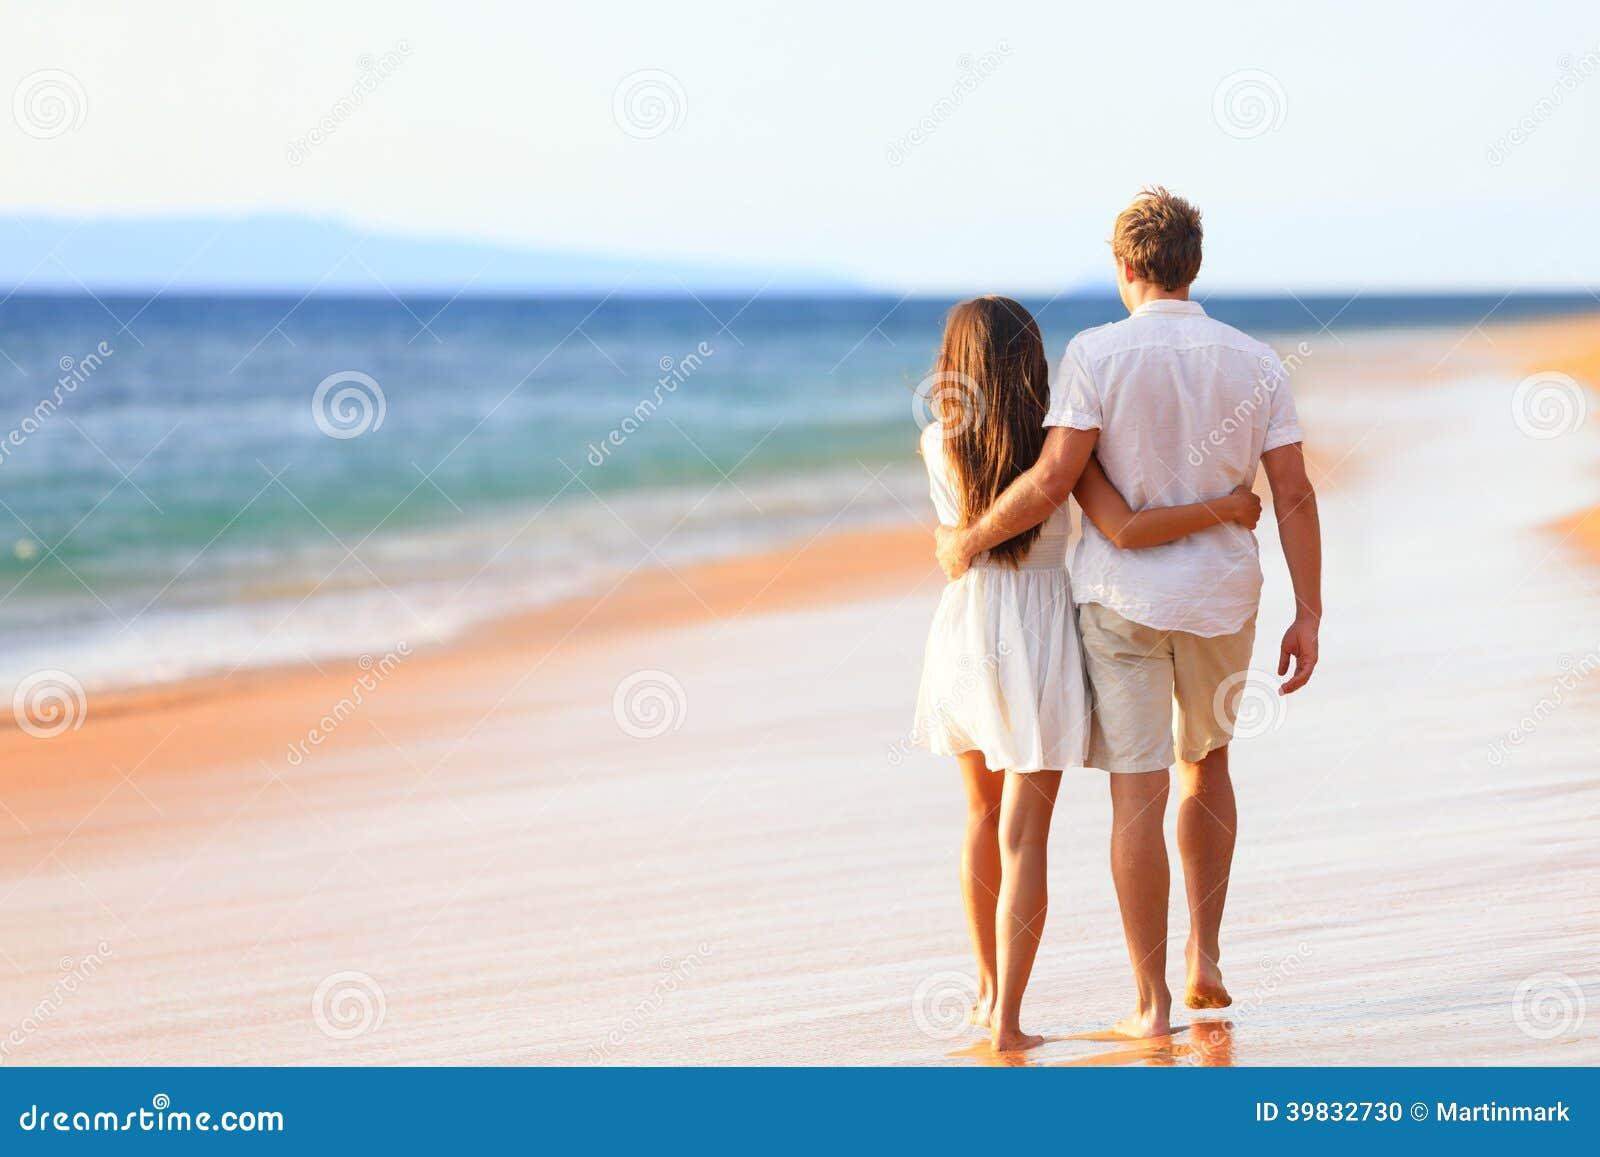 Plażowy pary odprowadzenie na romantycznej podróży